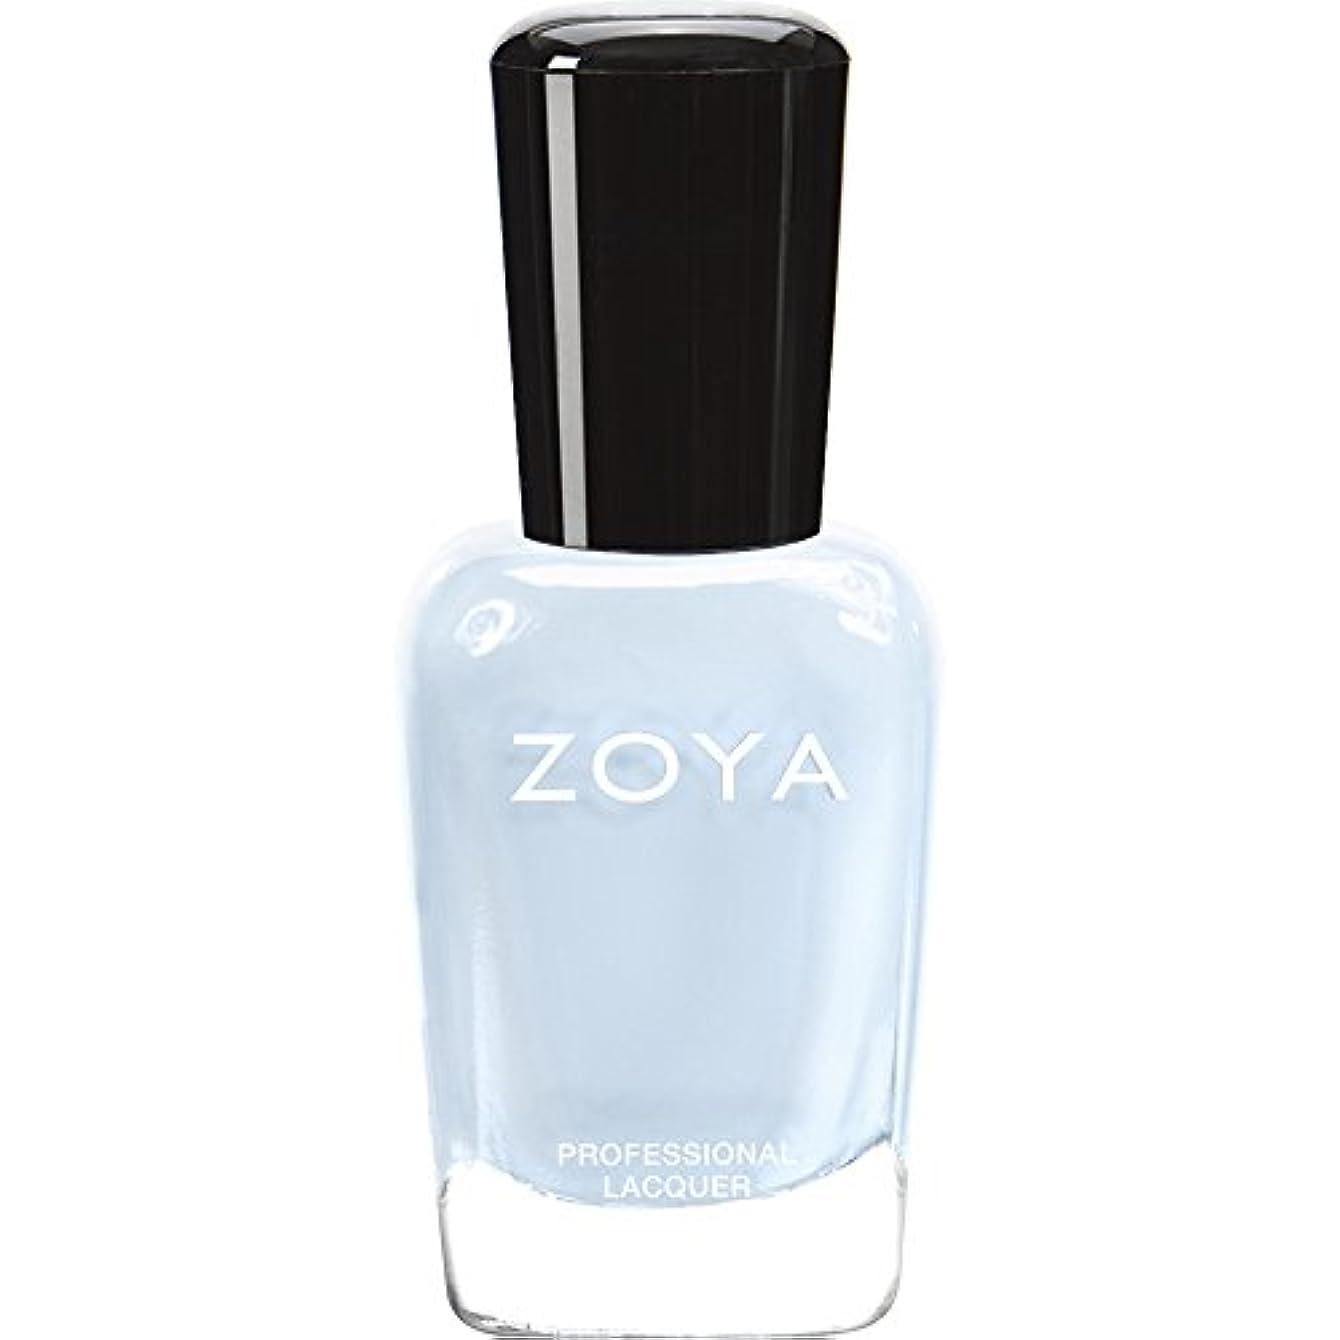 捧げる五月盗賊ZOYA ゾーヤ ネイルカラー ZP653 BLU ブルー 15ml  2012 LOVELY COLLECTION 光沢のある淡いベビーブルー マット 爪にやさしいネイルラッカーマニキュア